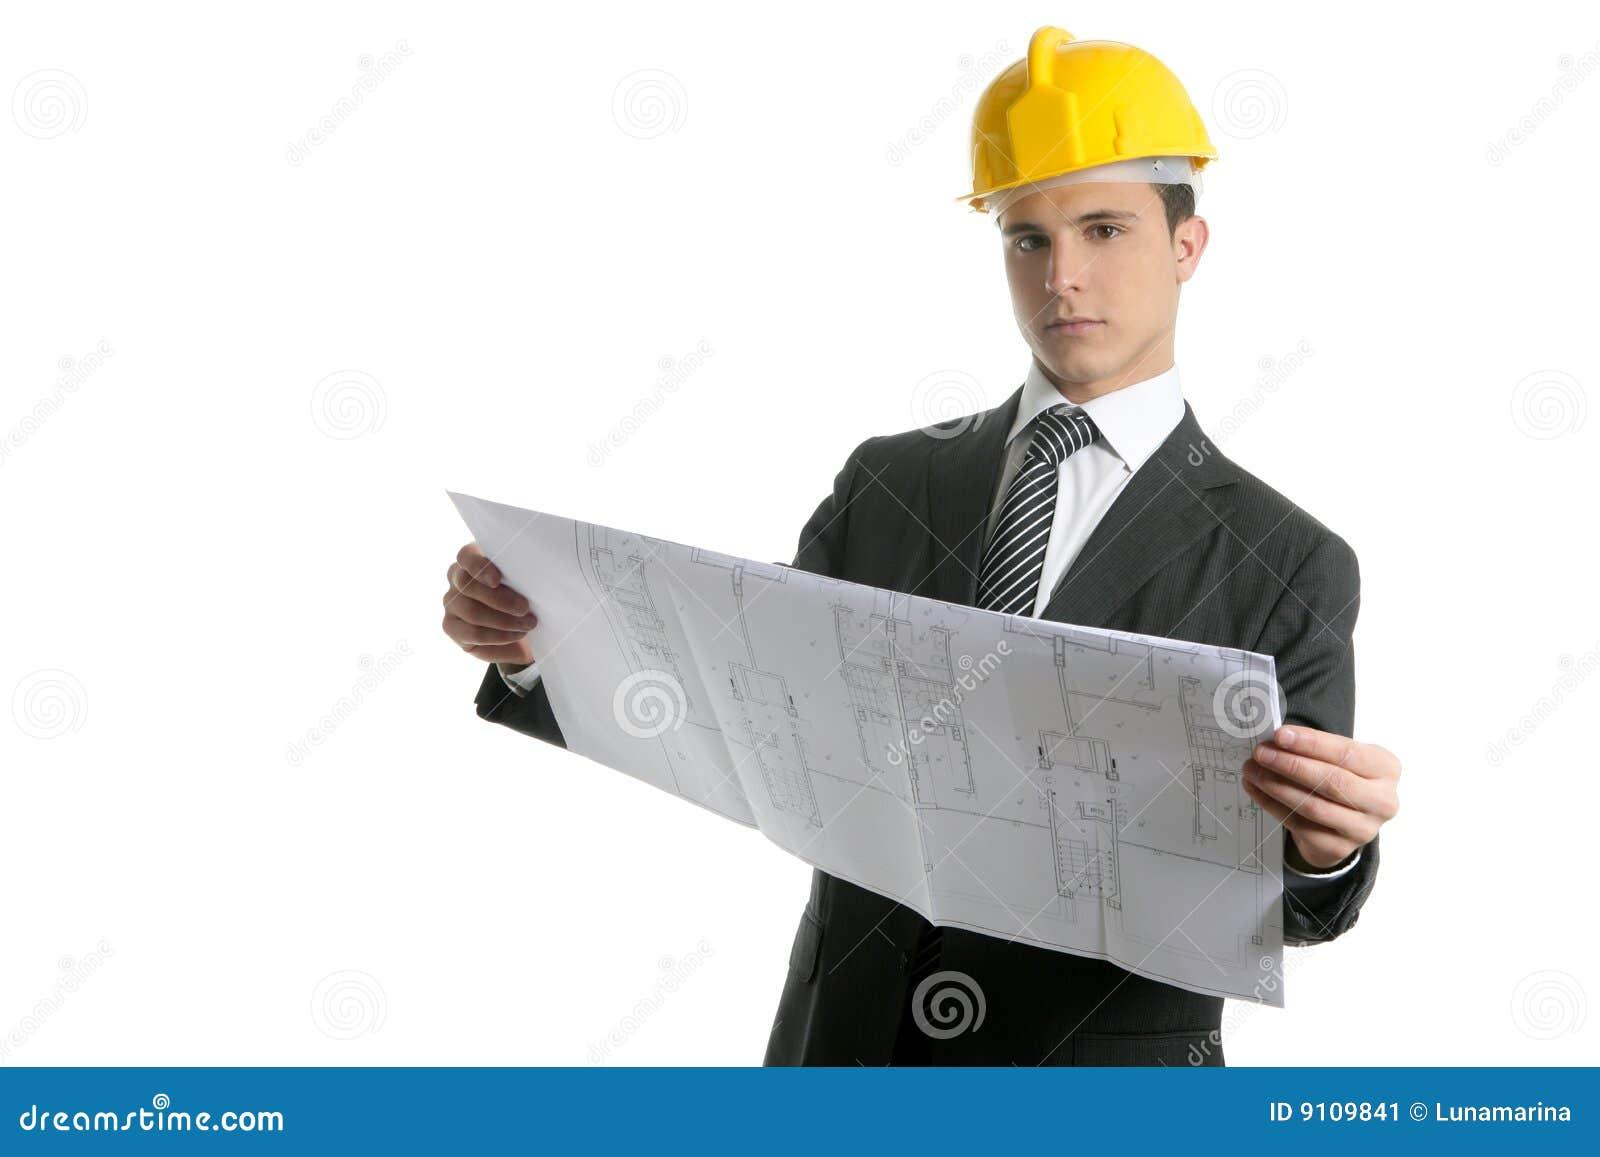 Hombres de negocios ejecutivos del arquitecto con planes for Todo para el arquitecto